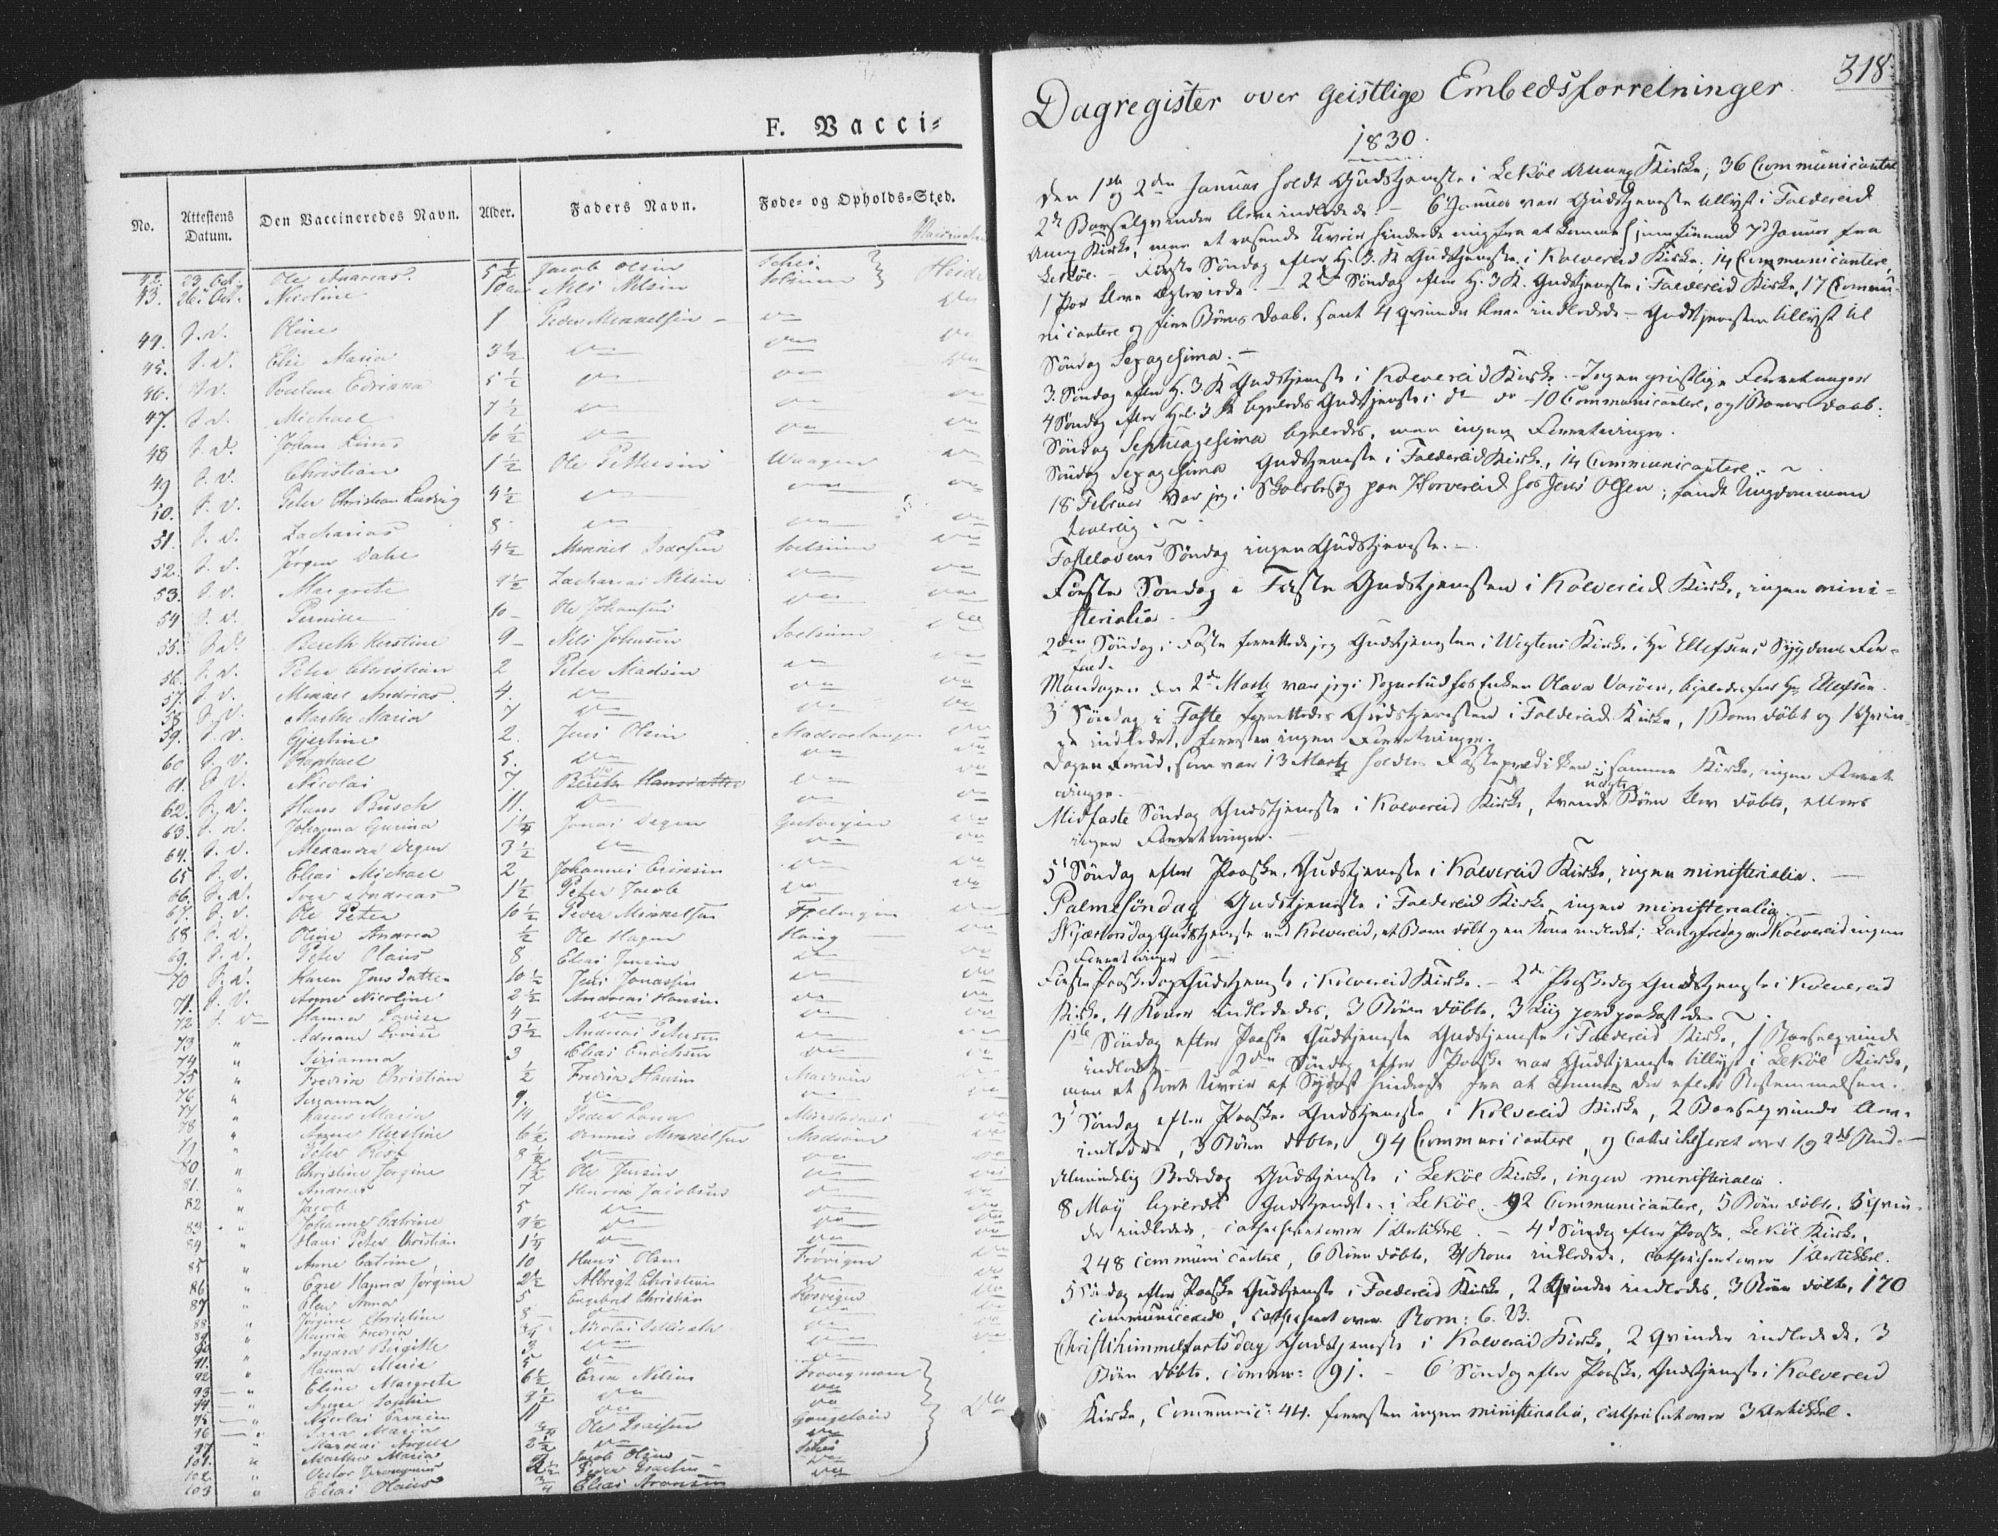 SAT, Ministerialprotokoller, klokkerbøker og fødselsregistre - Nord-Trøndelag, 780/L0639: Ministerialbok nr. 780A04, 1830-1844, s. 318